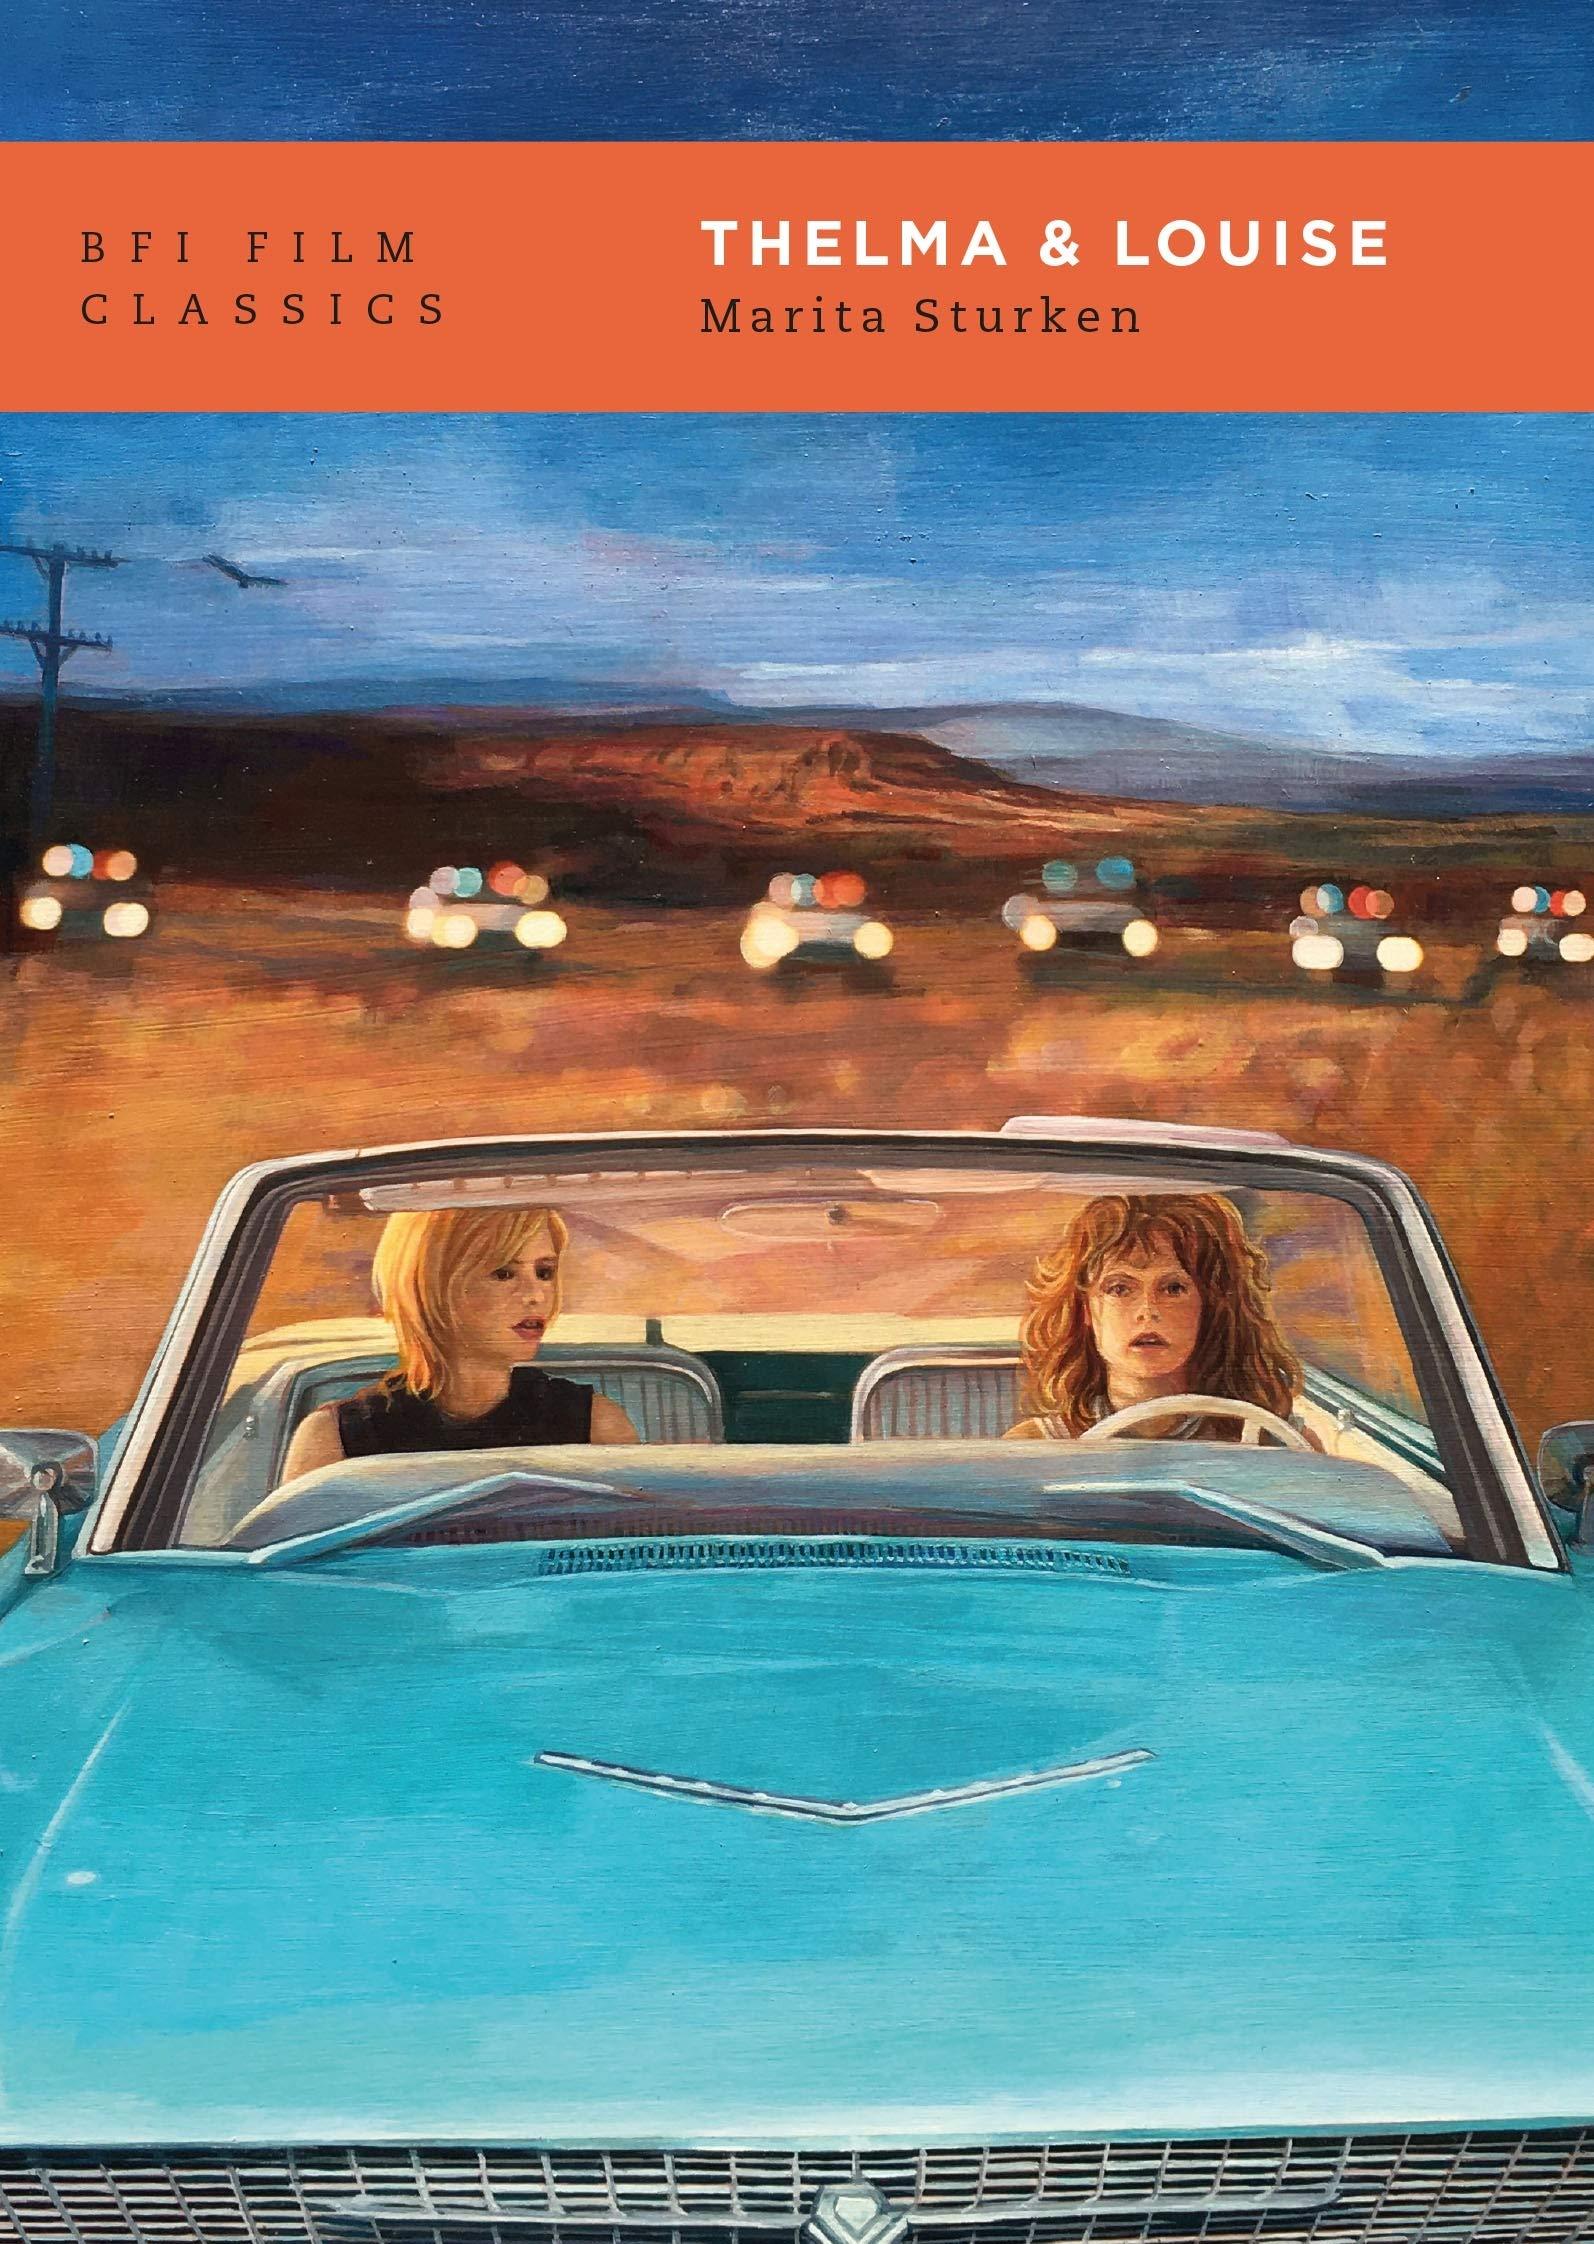 Buy PRE-ORDER Thelma & Louise: BFI Film Classics